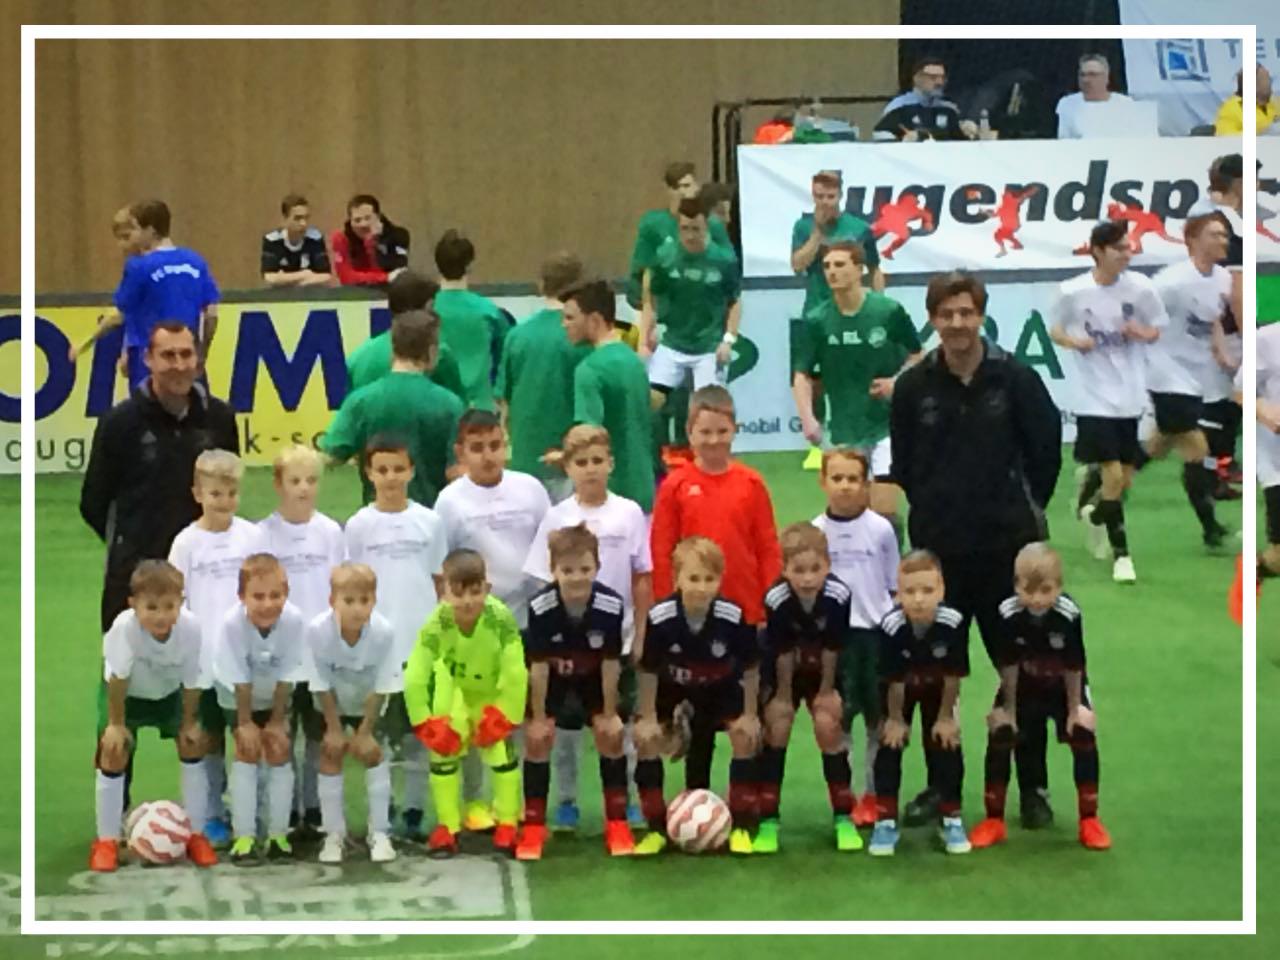 Spiel gegen FC Bayern München Sonnenland Cup in Passau